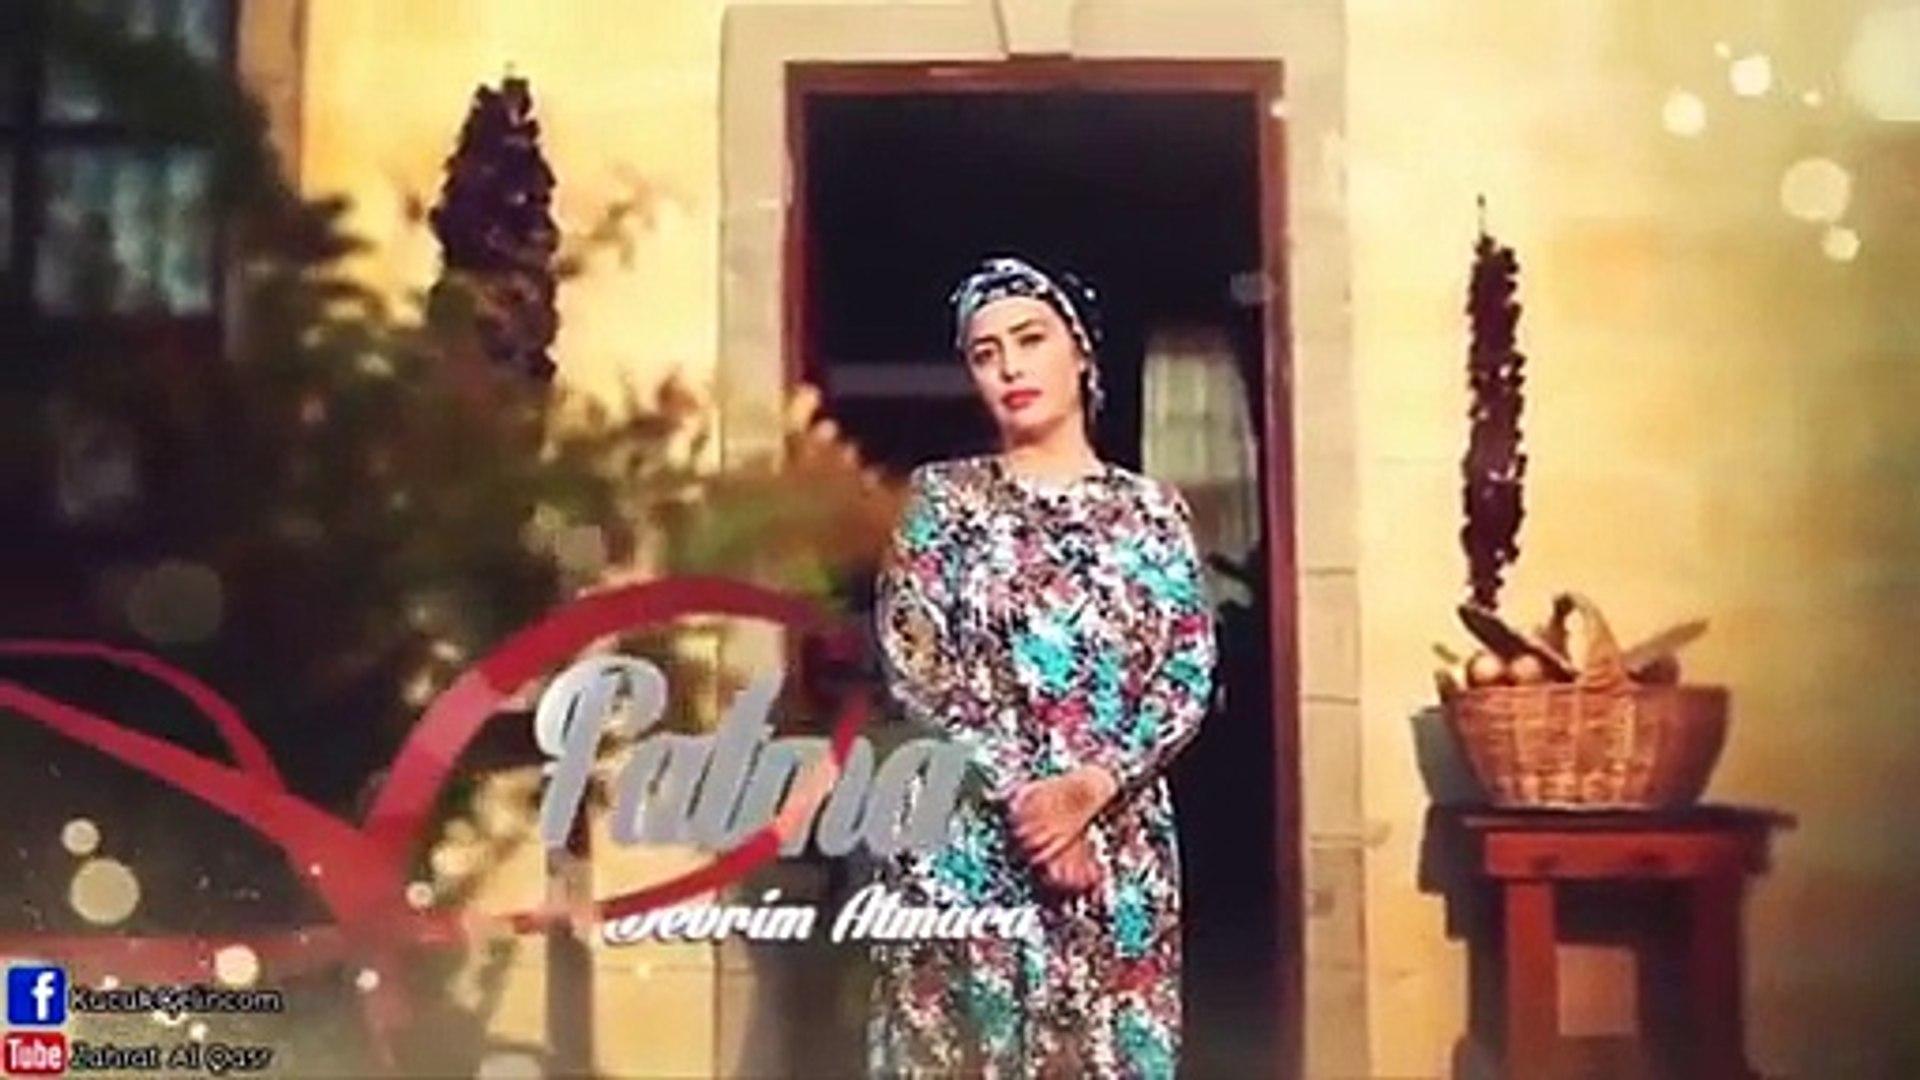 مسلسل زهرة القصر جزء و الموسم 5 الخامس الحلقة 5 مترجمة فيديو Dailymotion